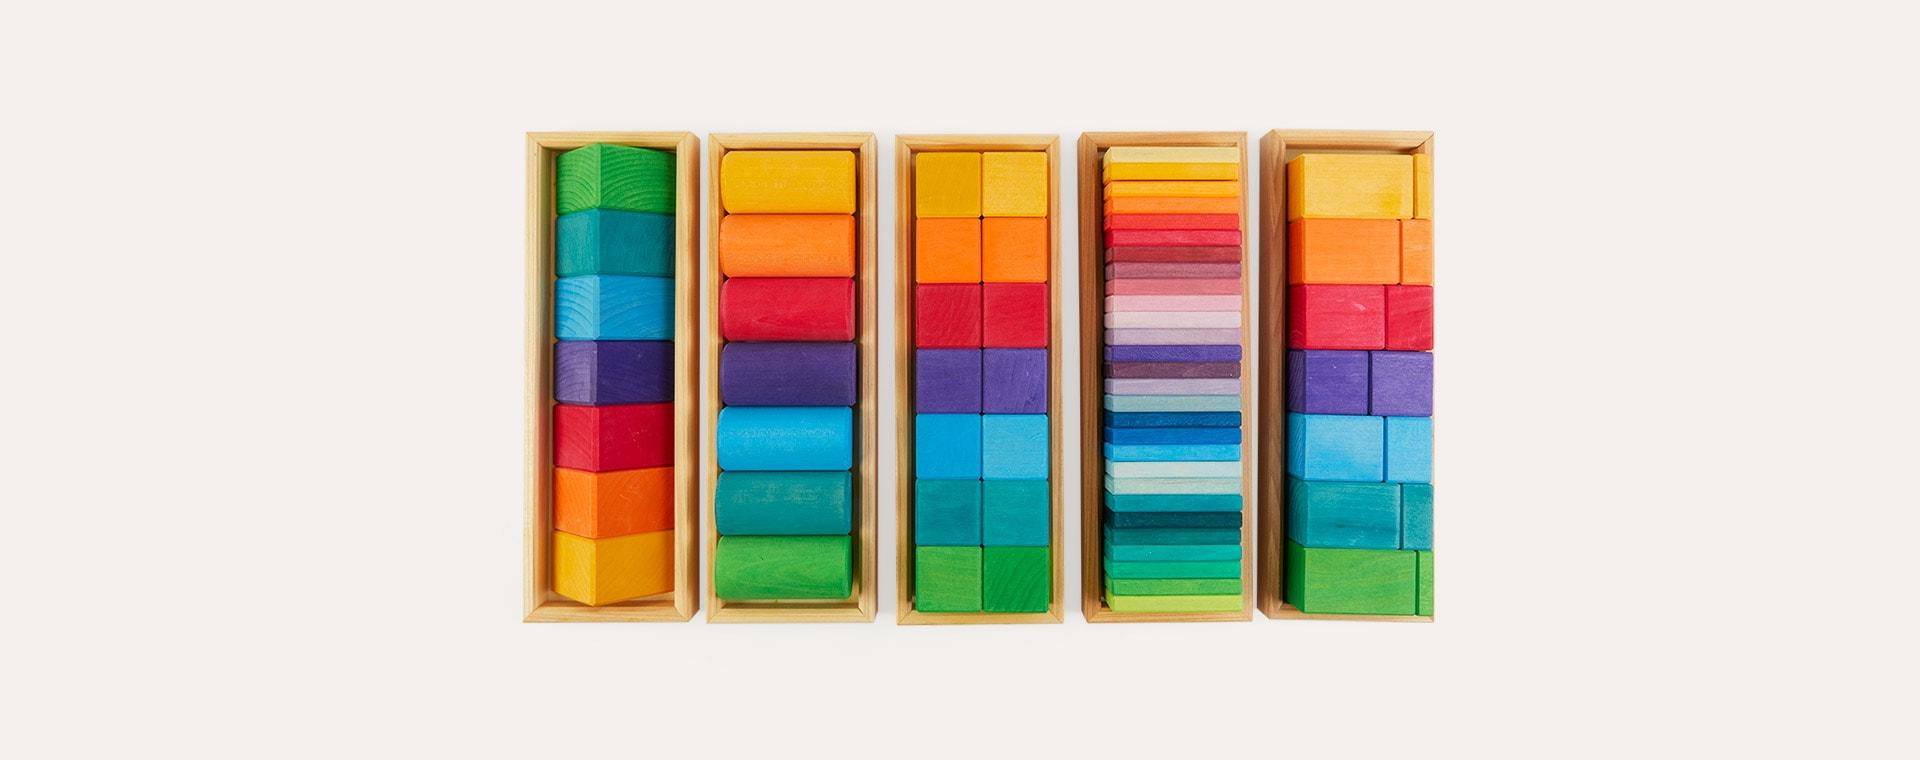 Multi Grimm's Building Set Shapes & Colours